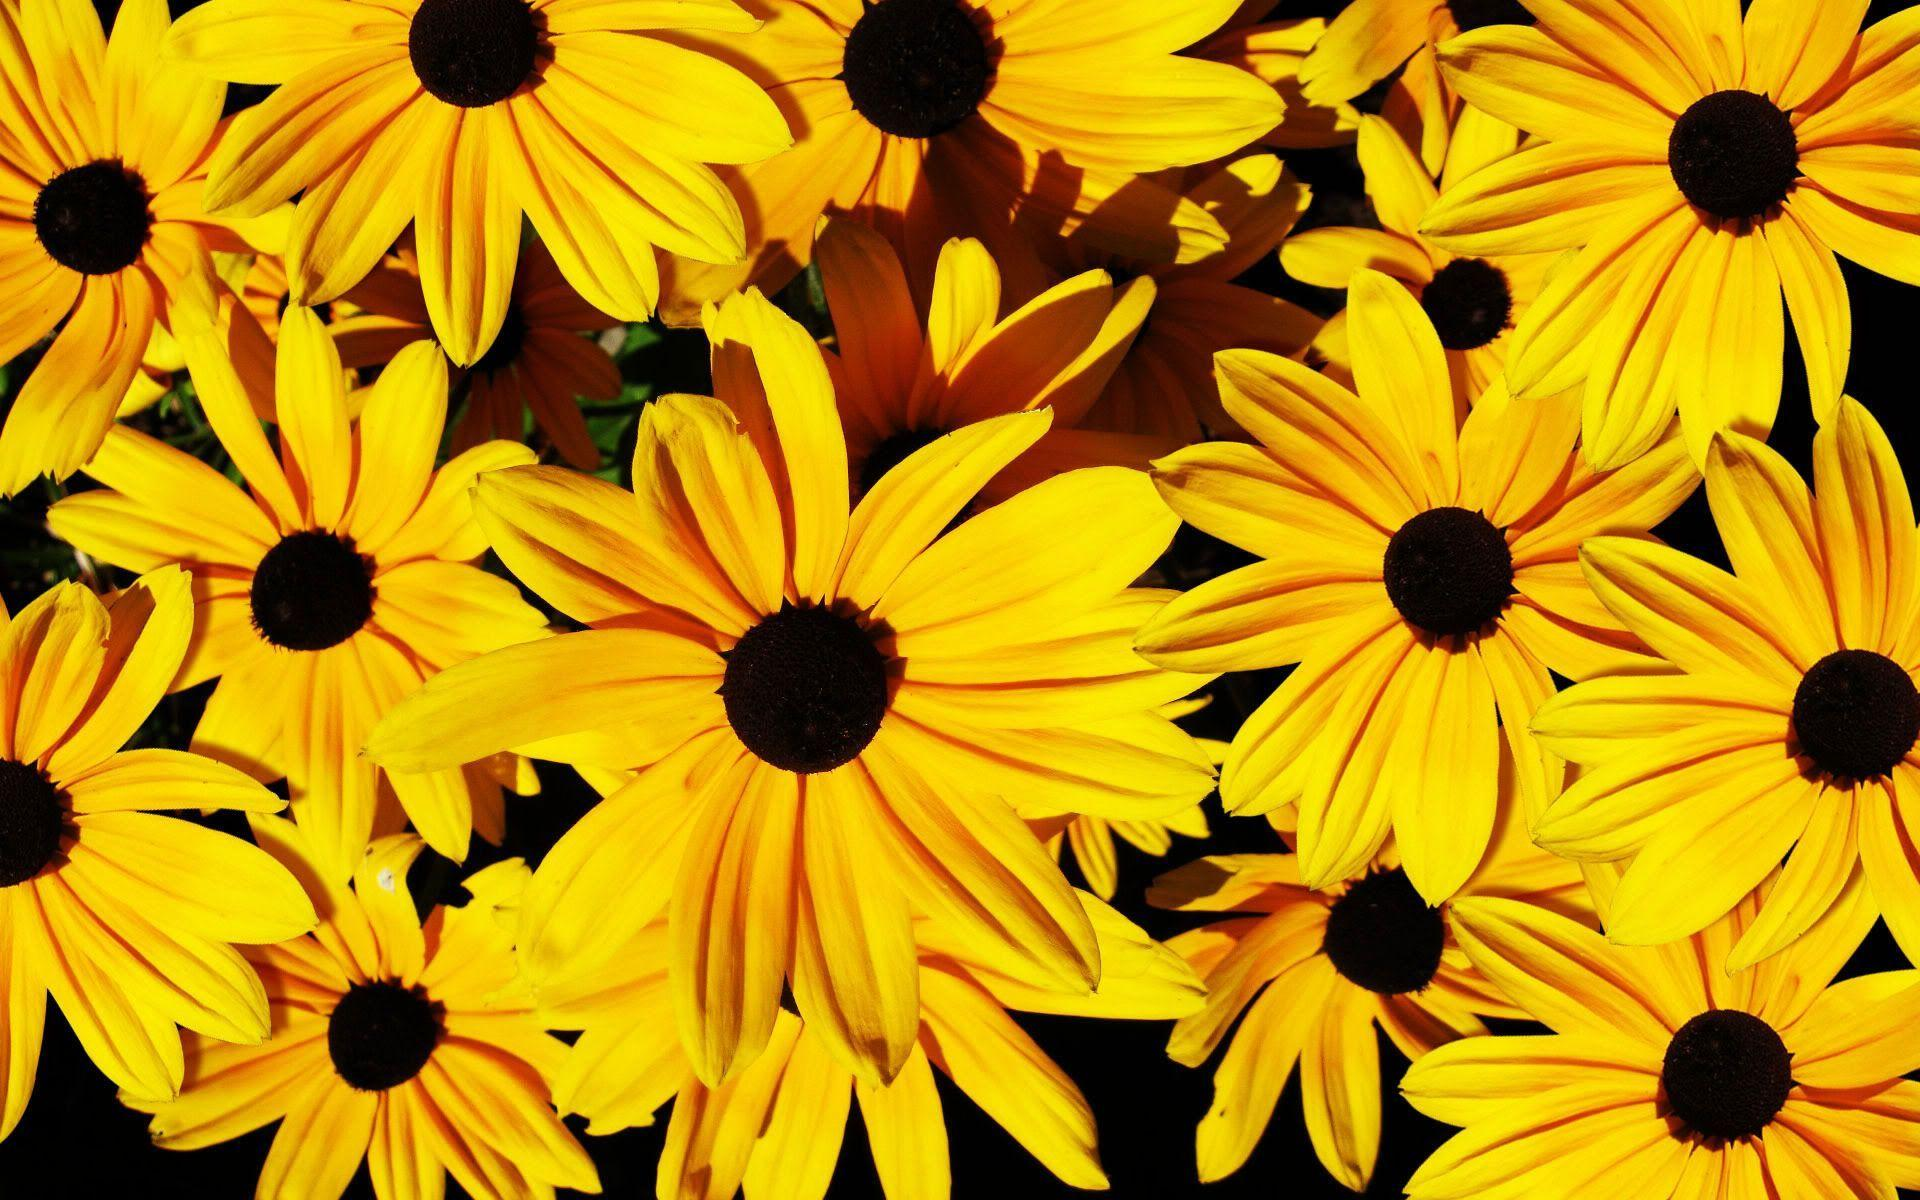 landscape Yellow Flowers Wallpaper